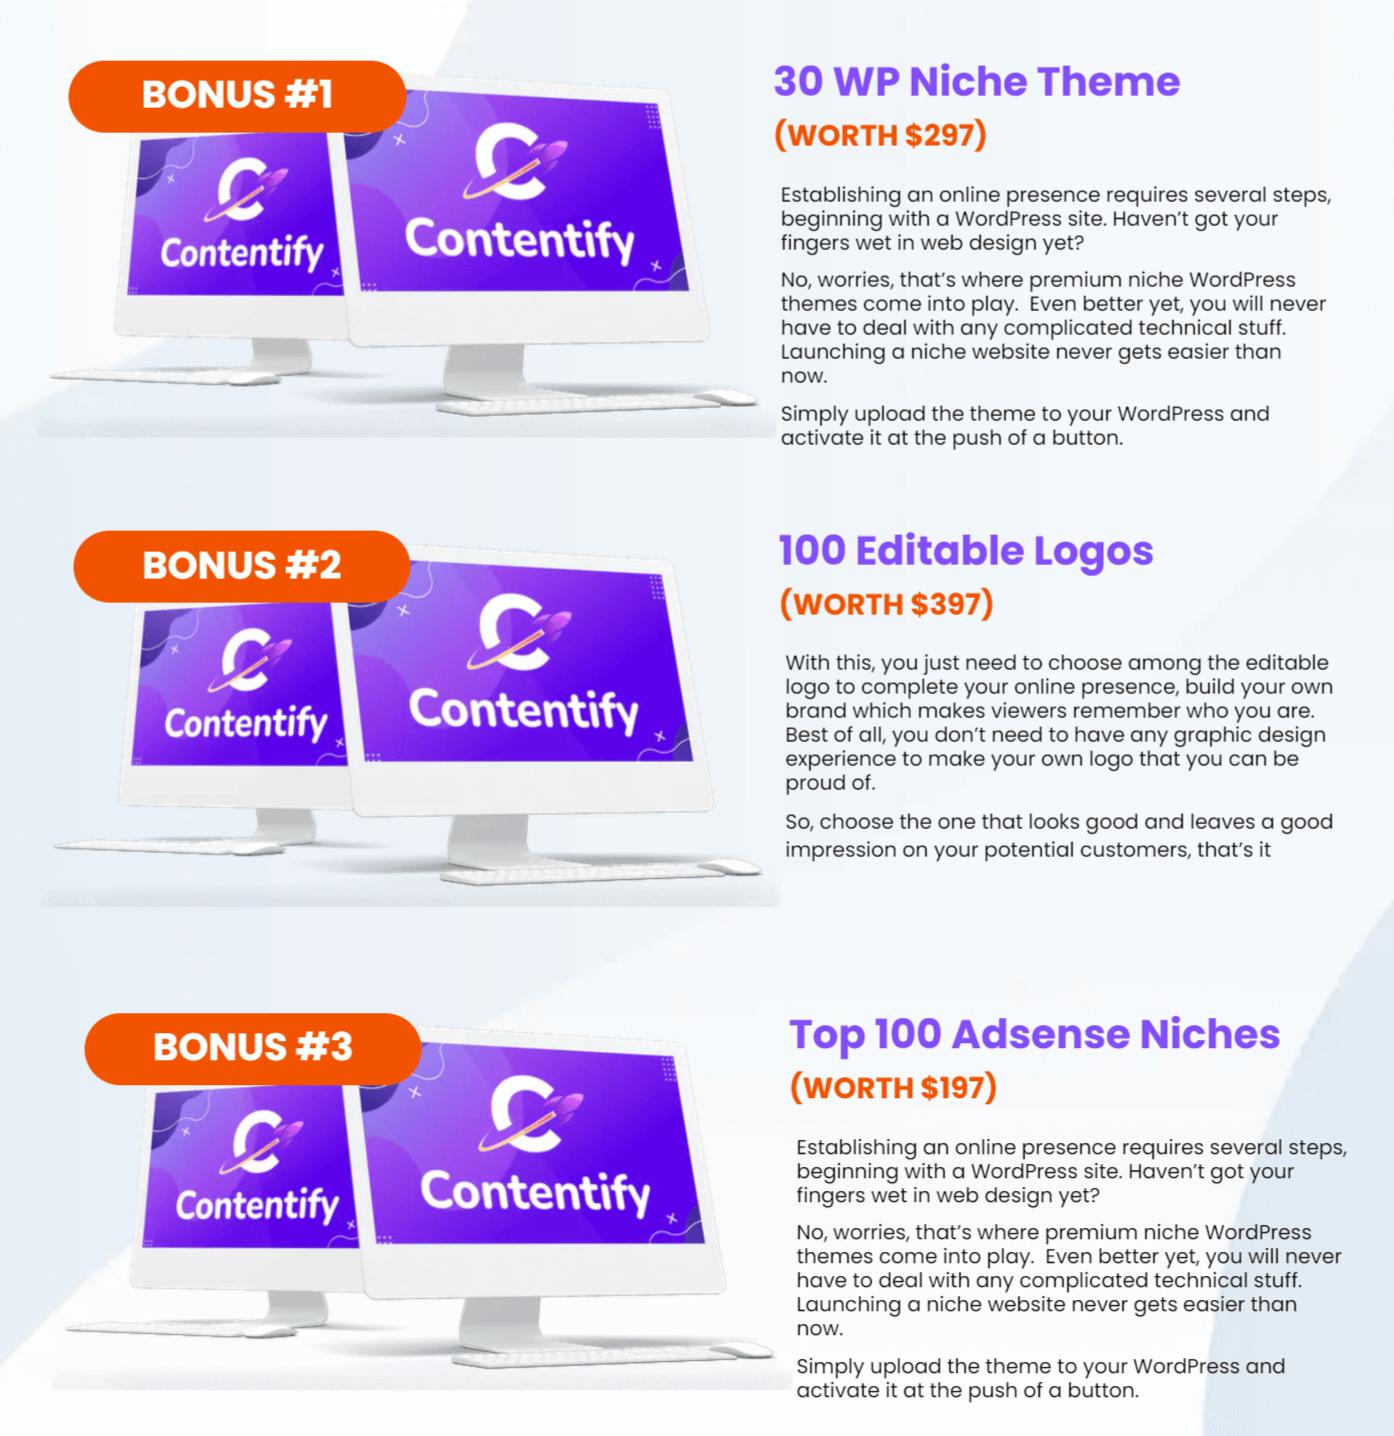 Contentify-bonuses